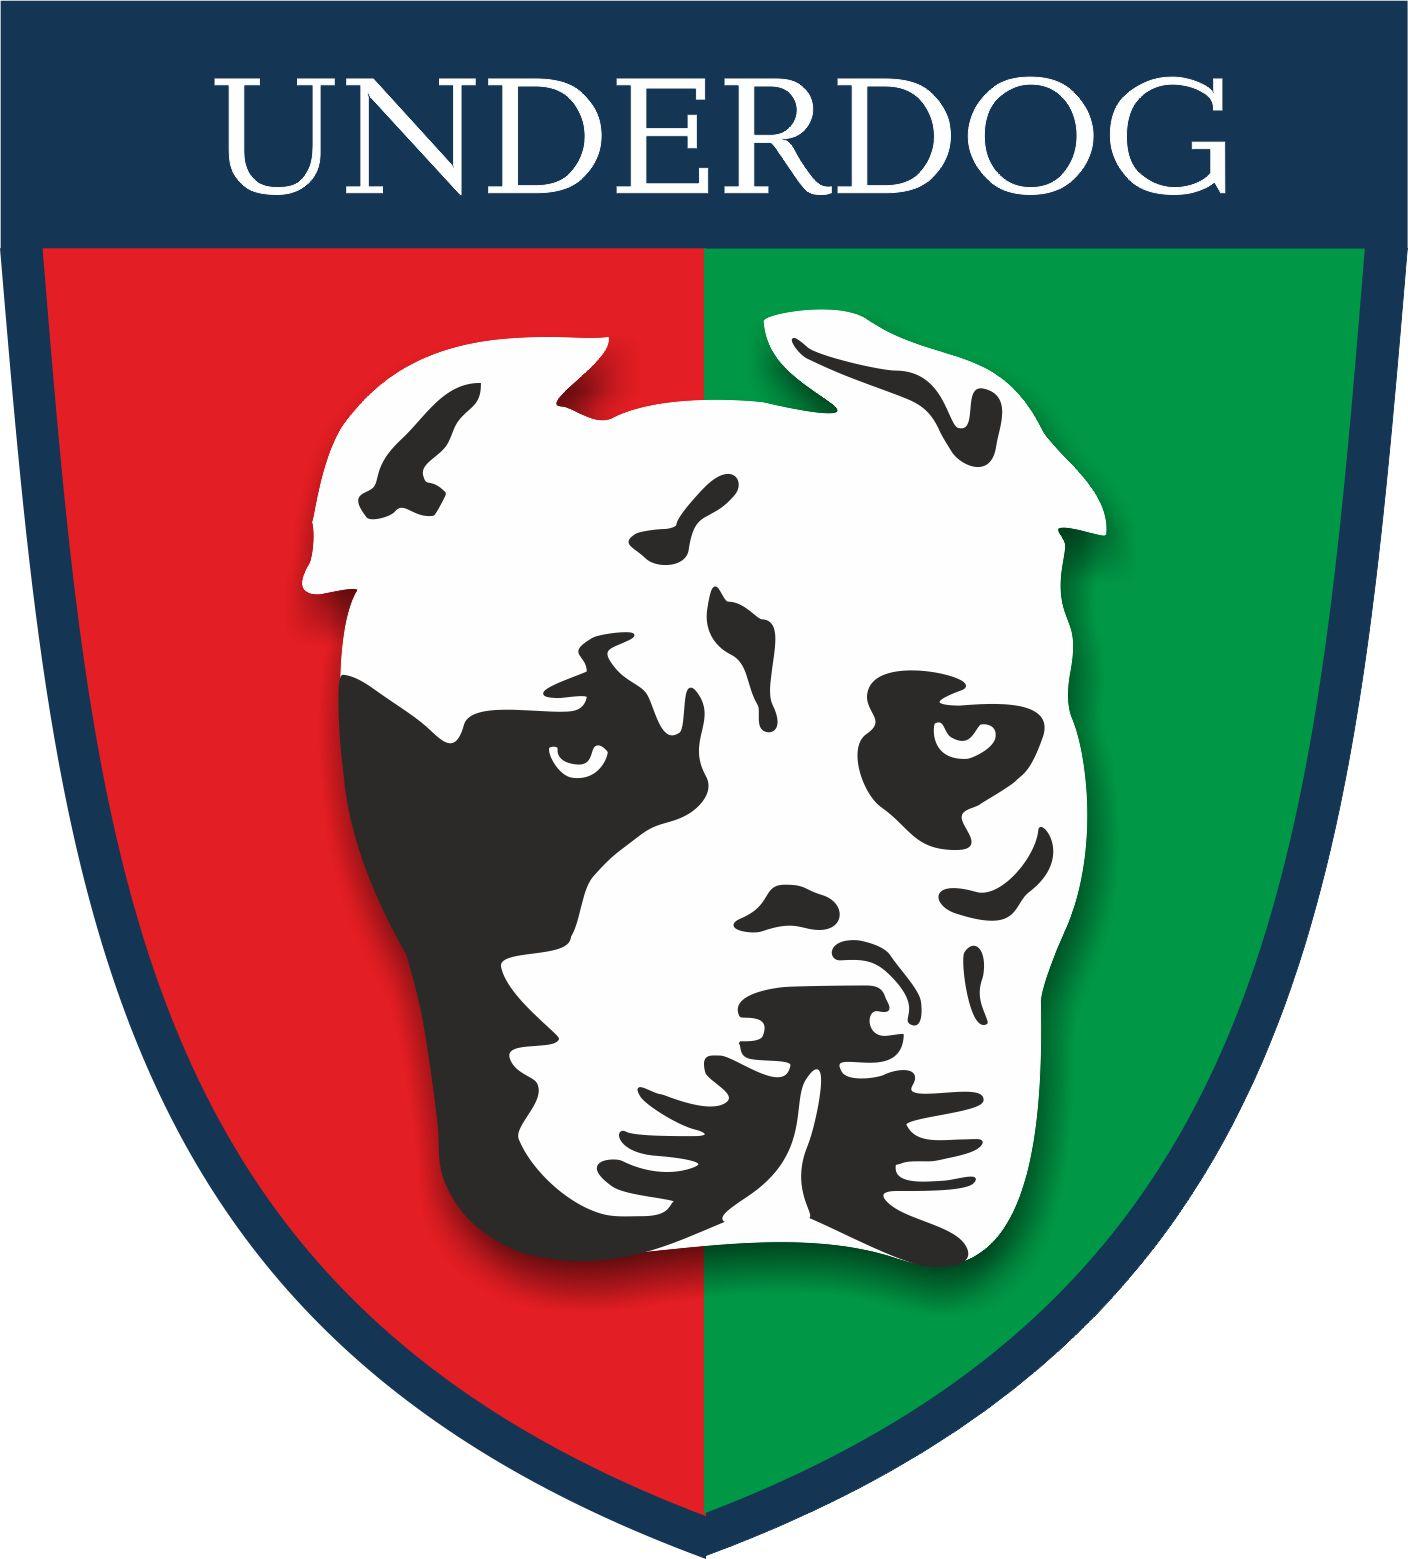 Футбольный клуб UNDERDOG - разработать фирстиль и бренд-бук фото f_8775caf5127f1345.jpg